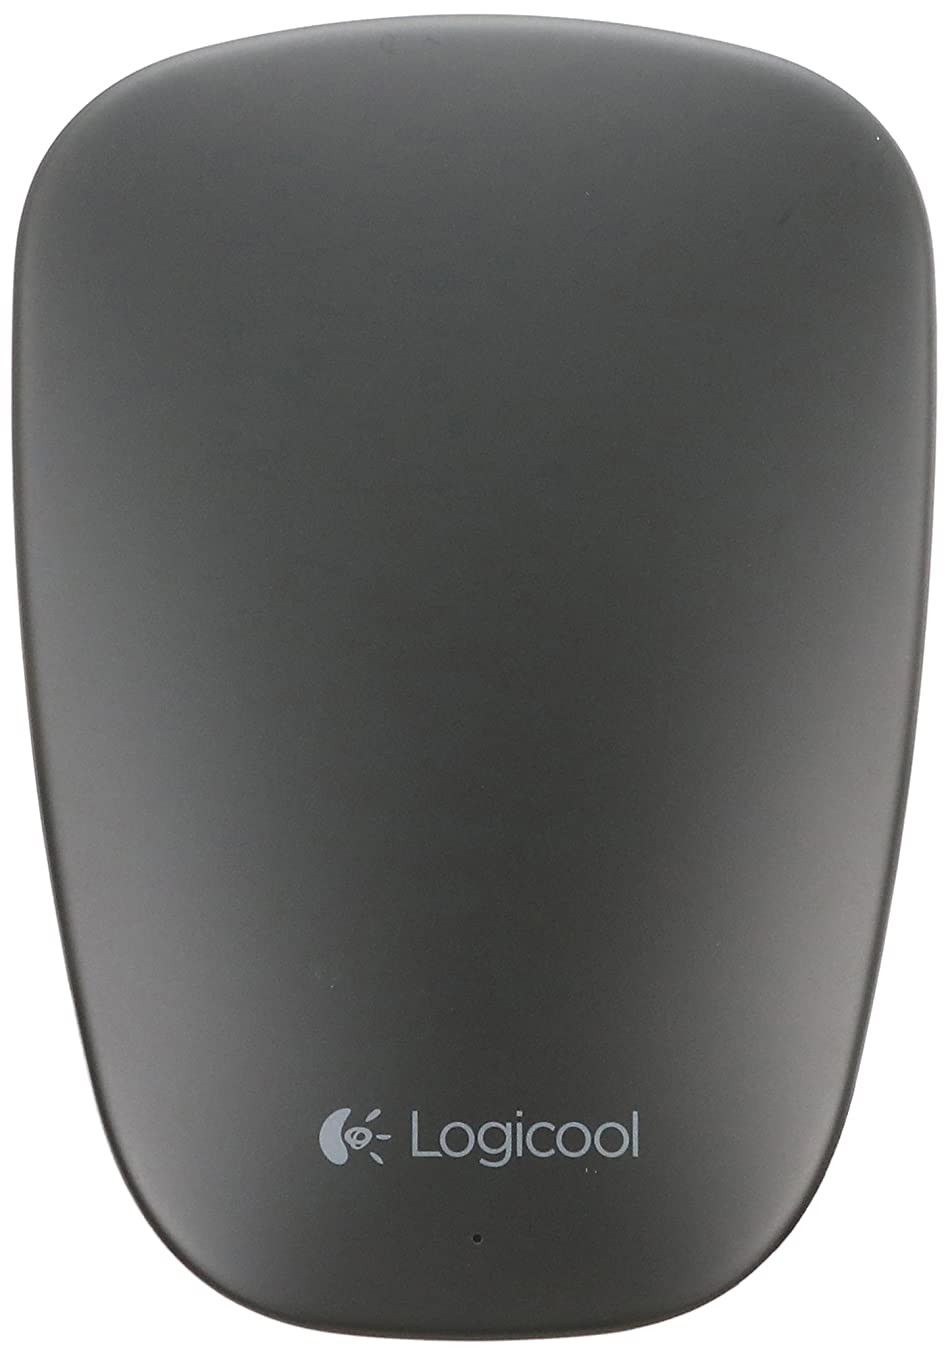 甥先どれLOGICOOL ロジクール Bluetooth ウルトラスリム タッチマウス ブラック T630BK